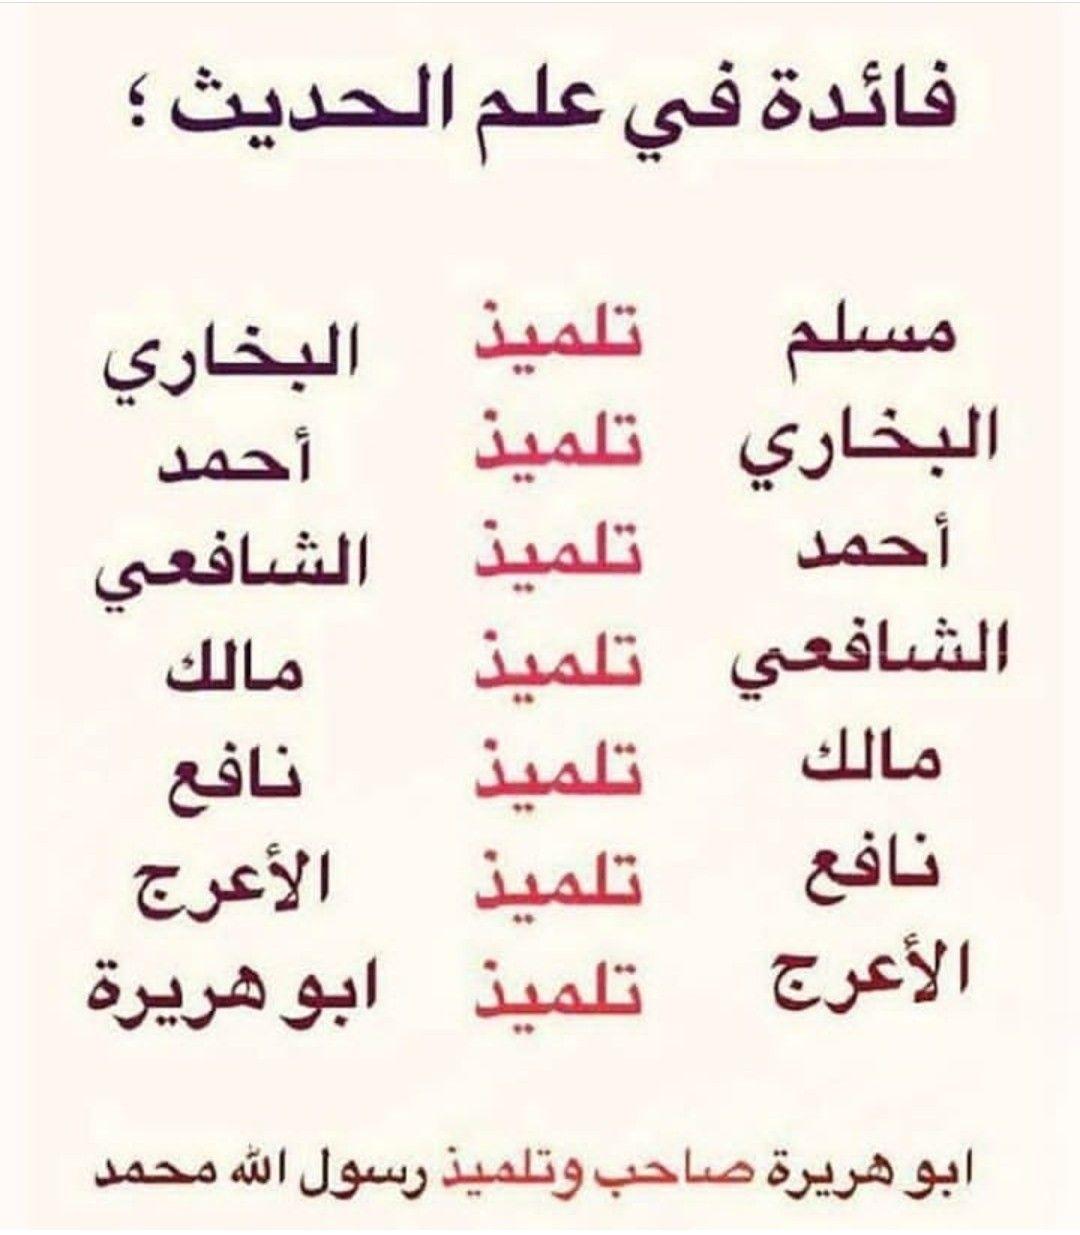 صلى الله على محمد صلى الله عليه و سلم Islamic Love Quotes Islam Facts Islamic Quotes Quran